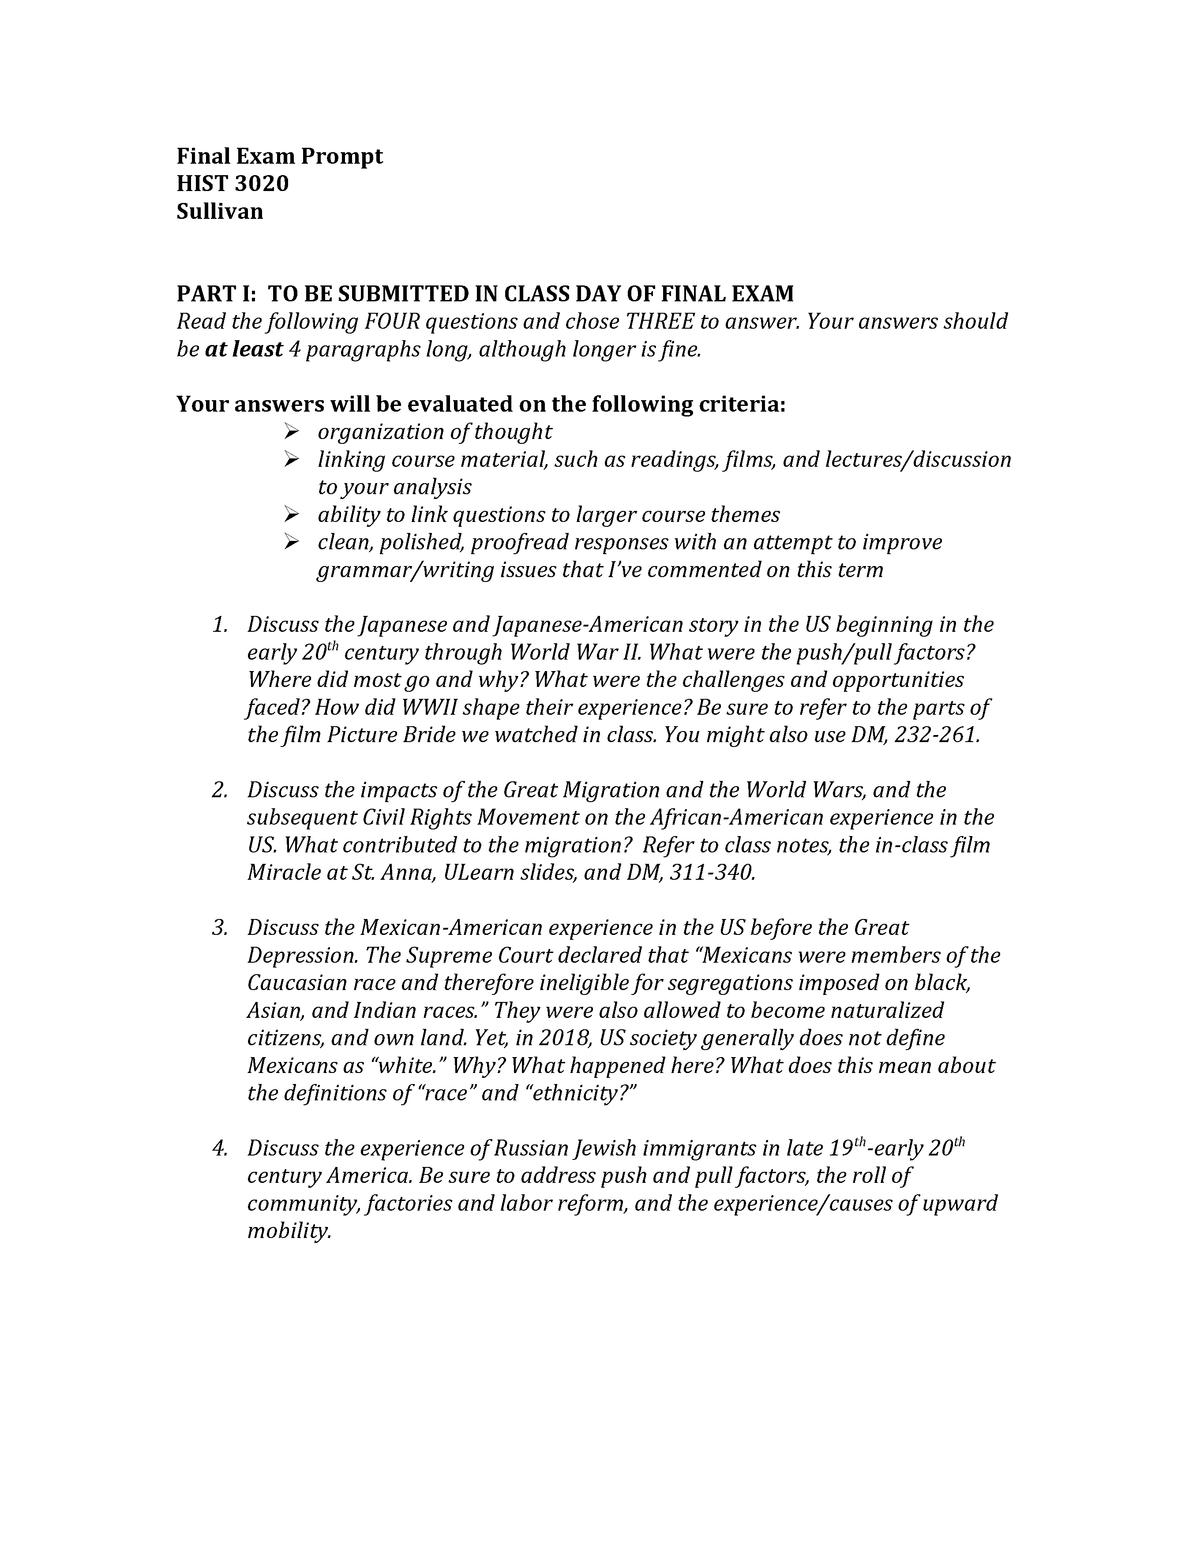 FINAL EXAM February 2018, questions - HIST 3020 - JWU - StuDocu